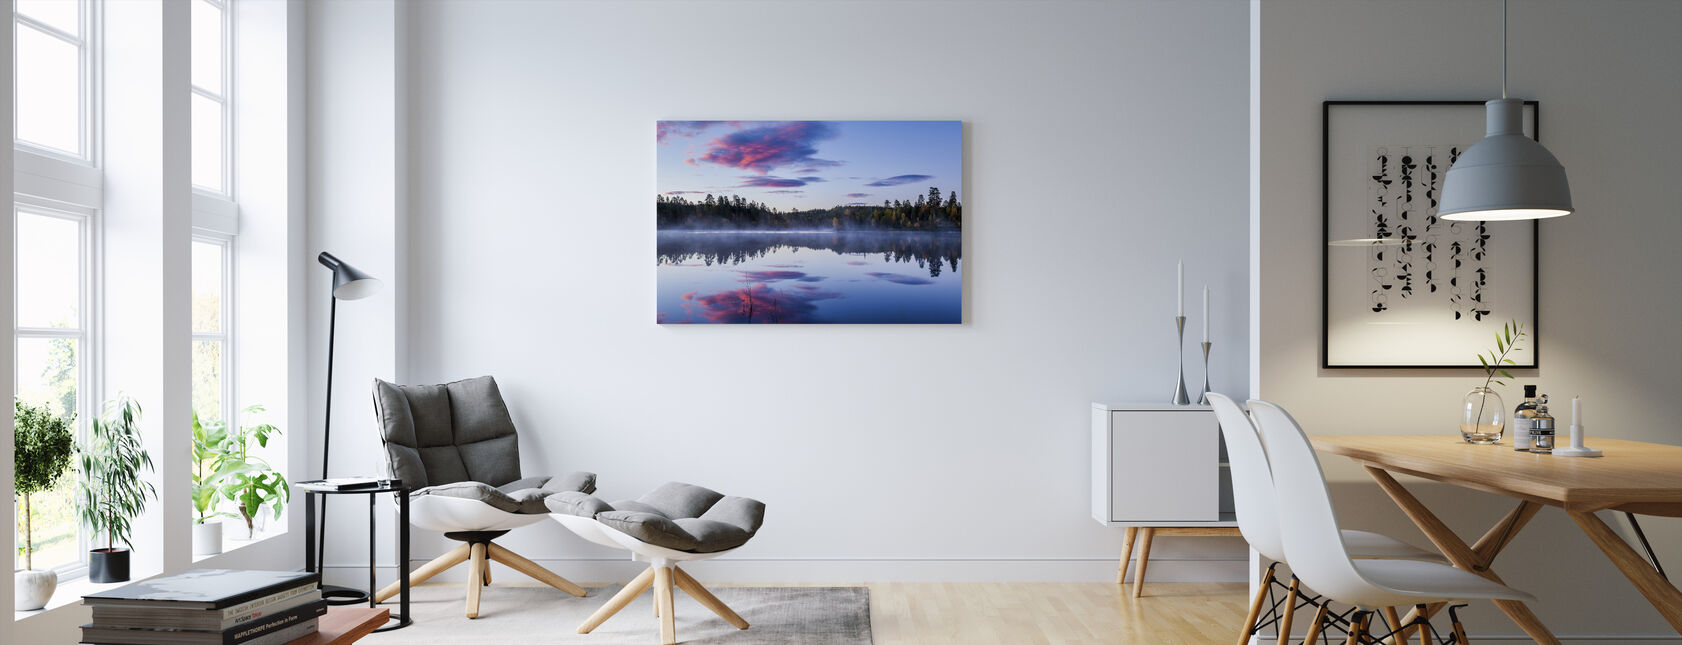 Norsk Morning - Lerretsbilde - Stue